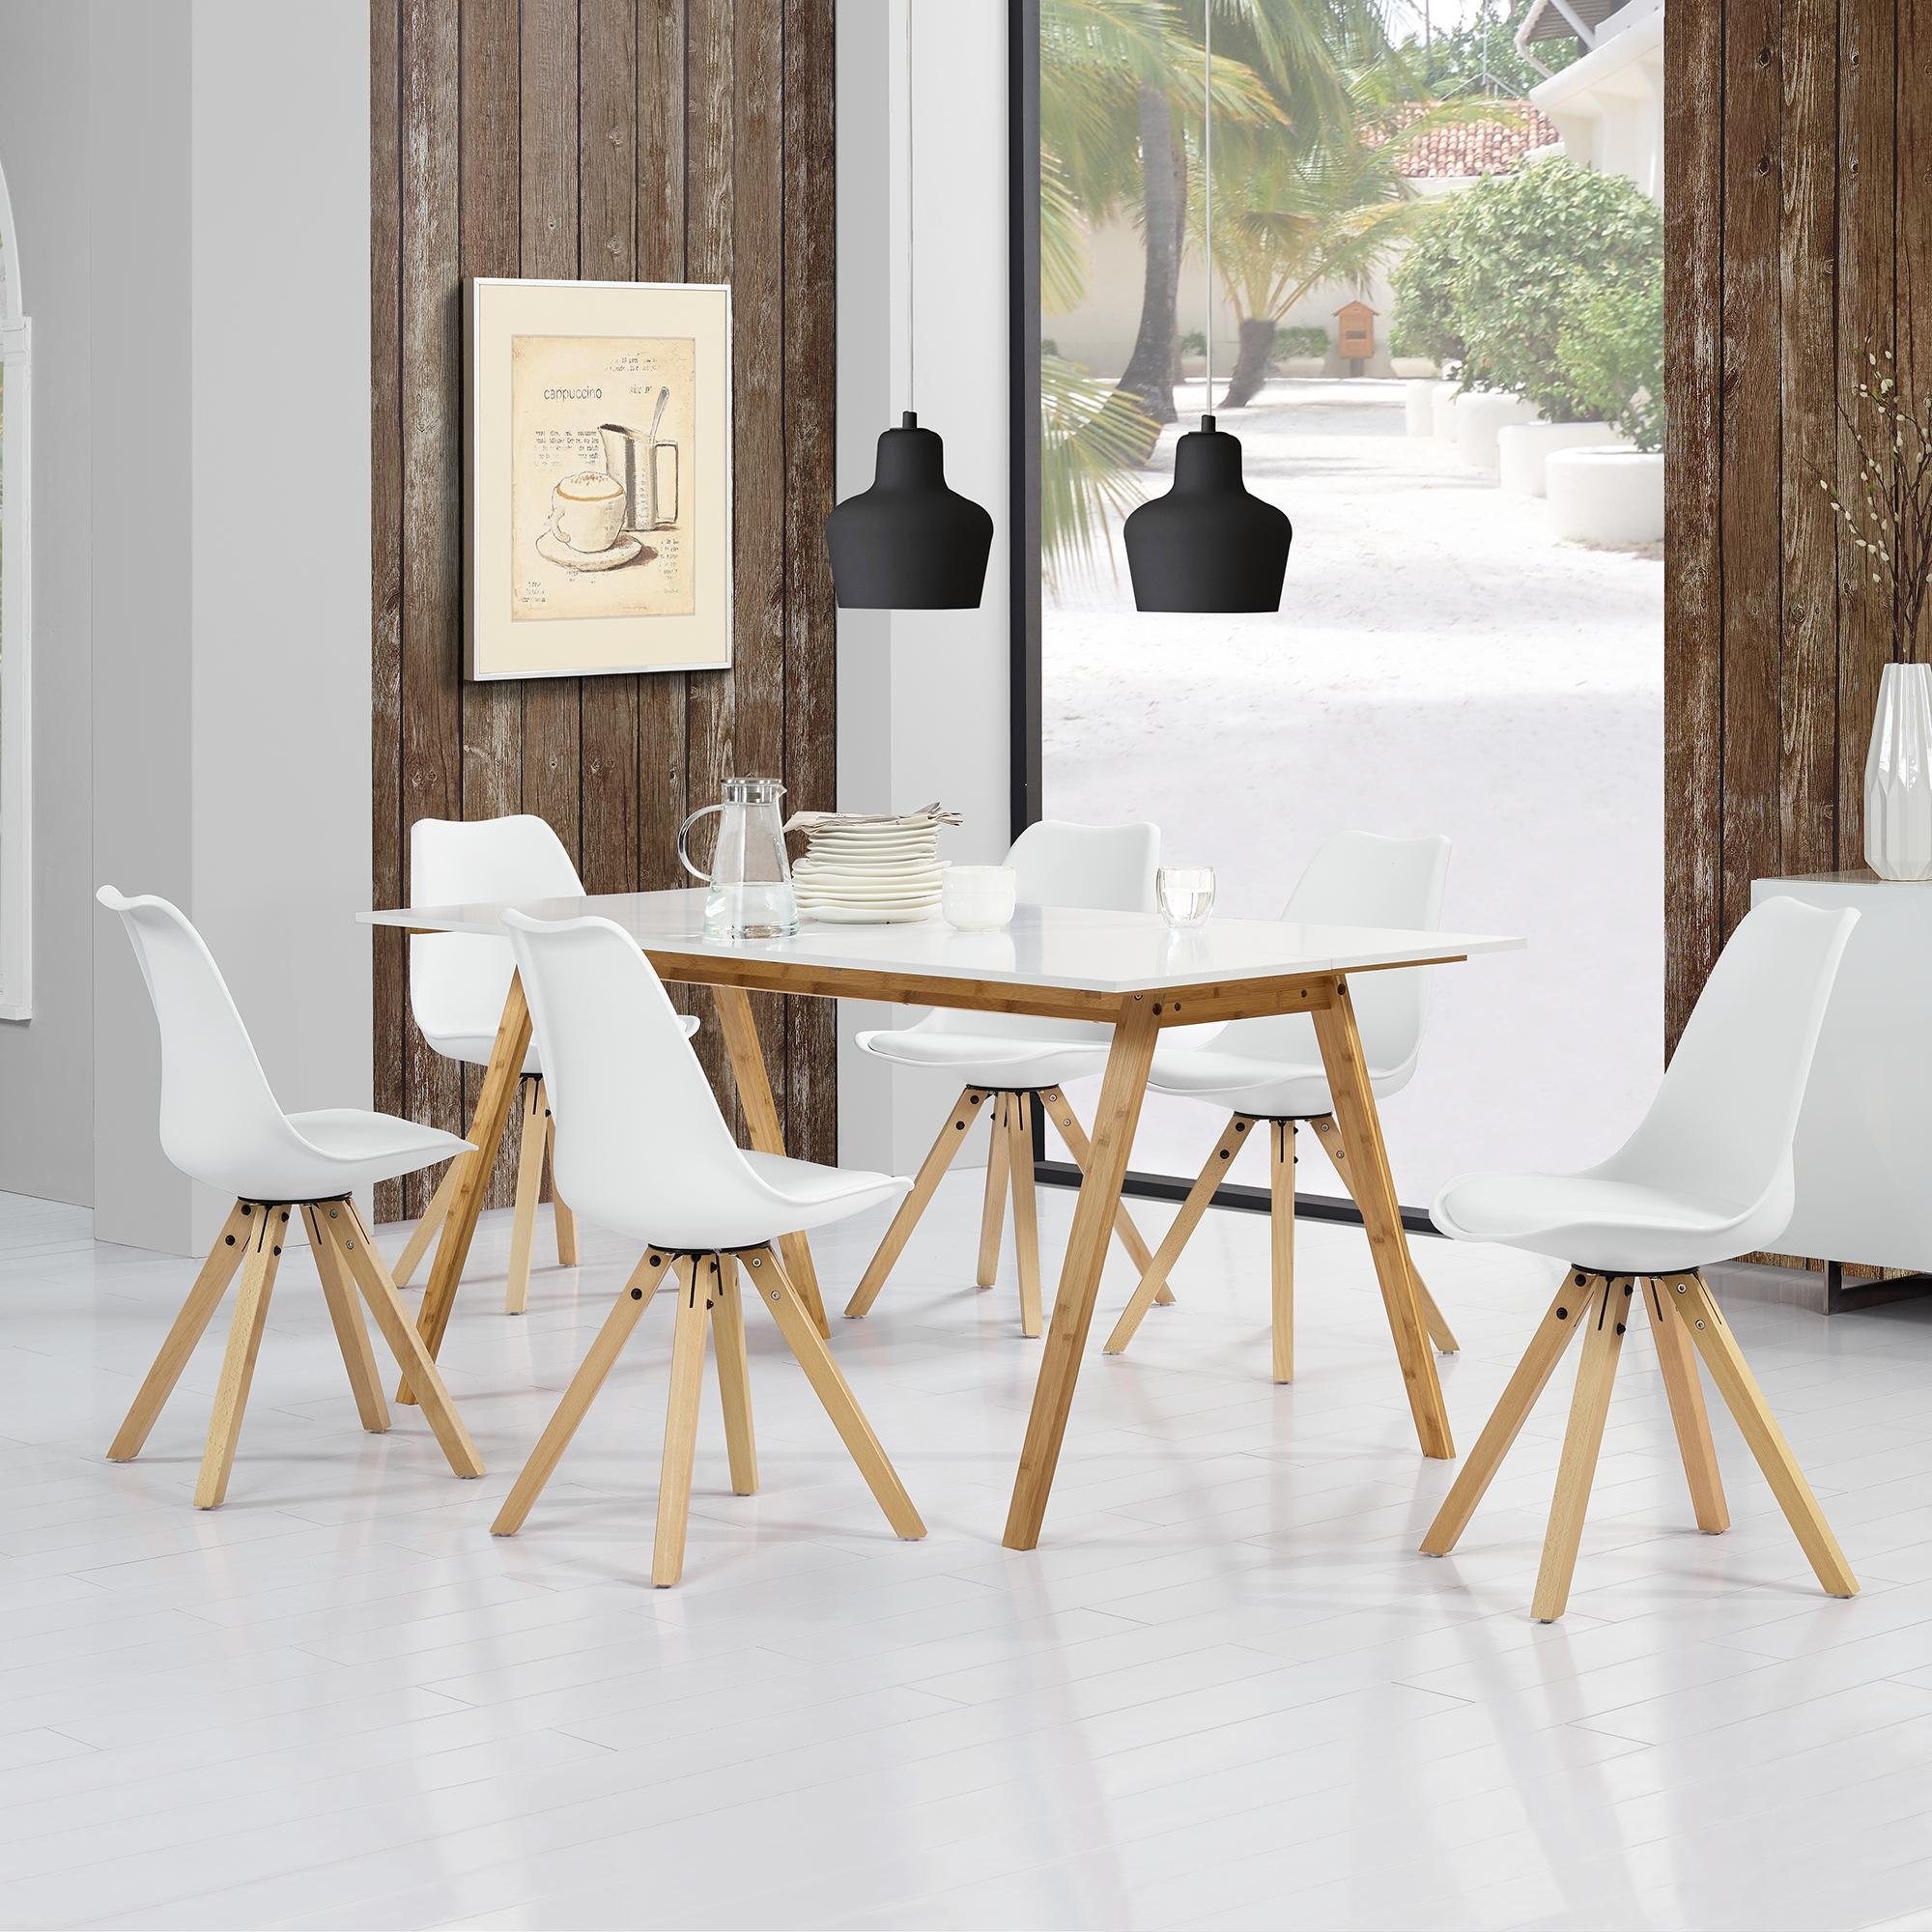 Esstisch stühle  en.casa]® Esstisch Bambus mit 6 Stühlen gepolstert weiß Tisch ...